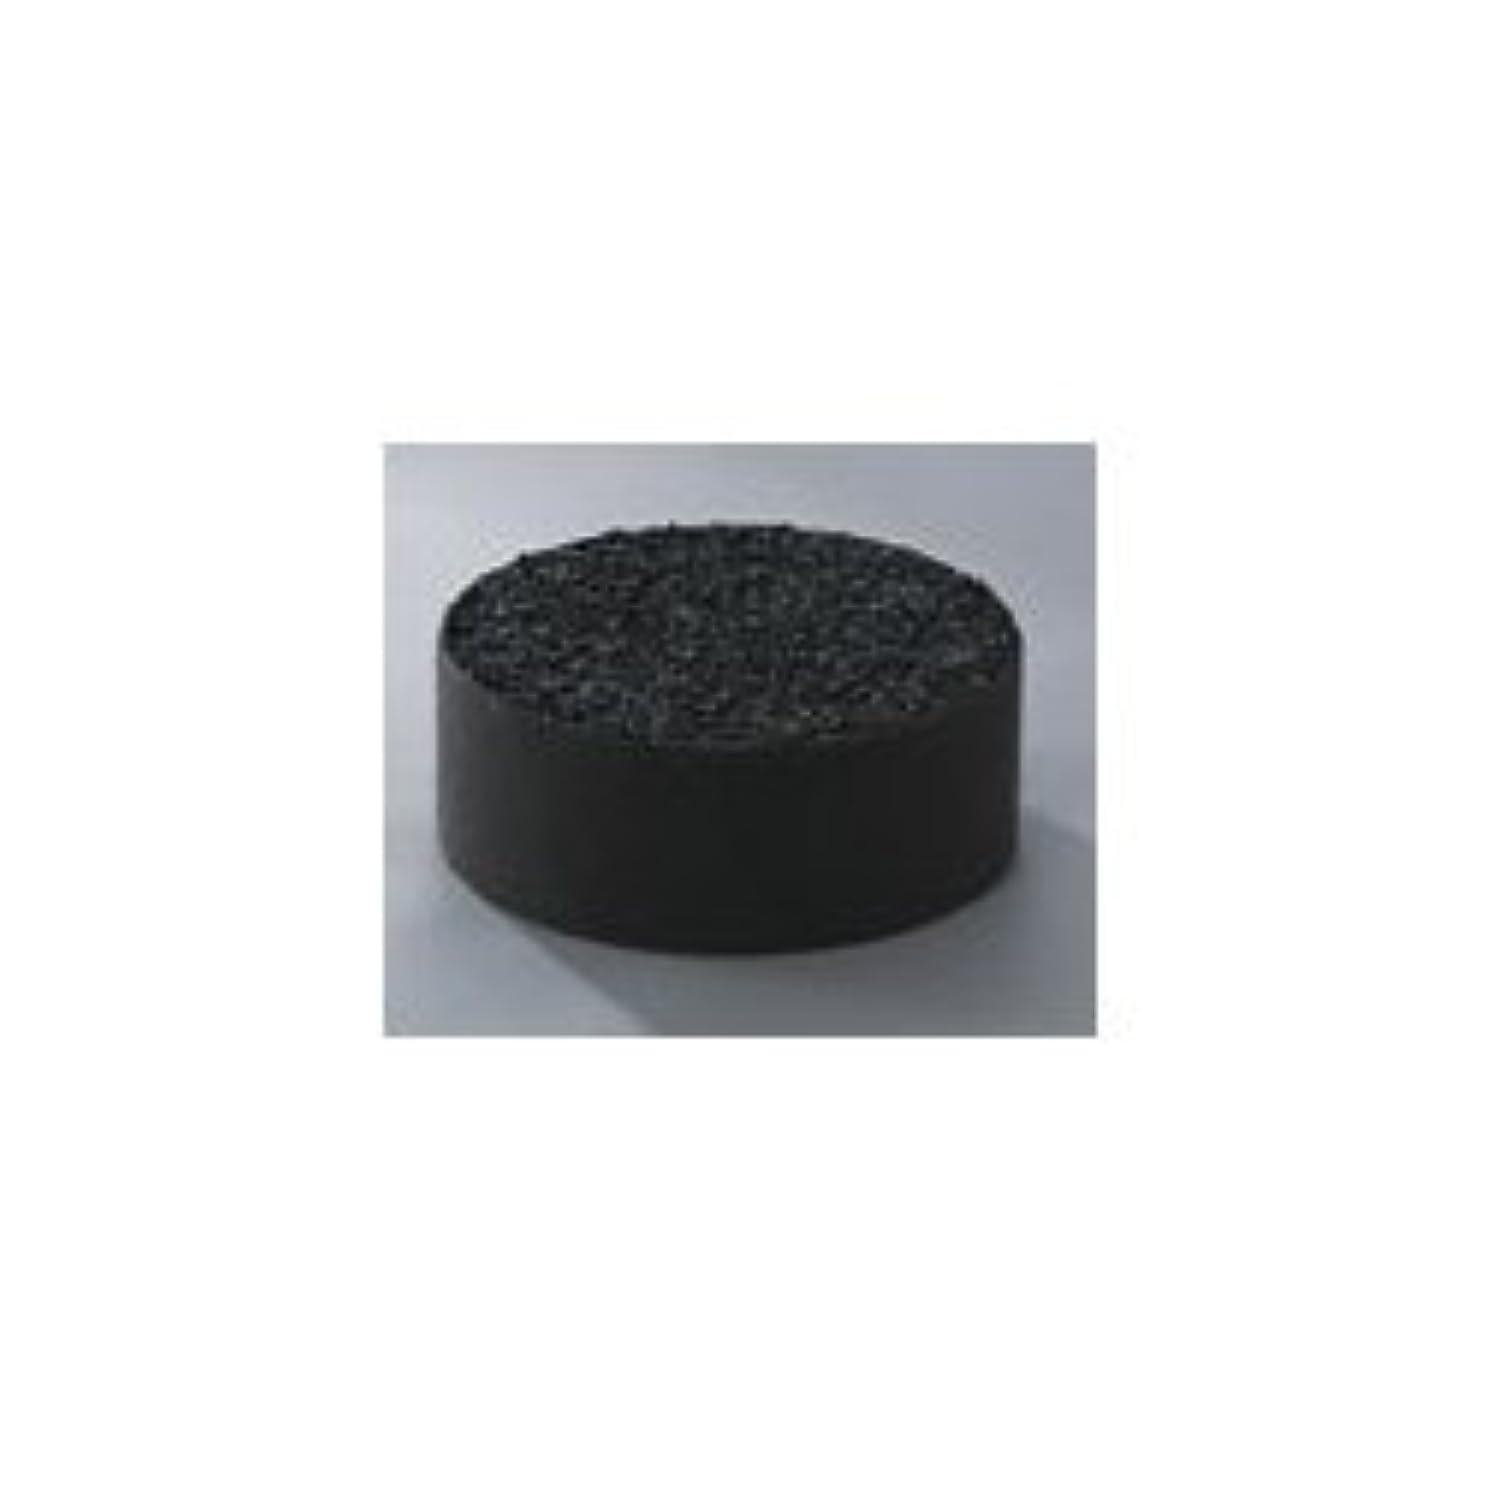 繰り返すネイティブ日焼けジャノメ 24時間風呂 バインド活性炭 1個 バスエース用